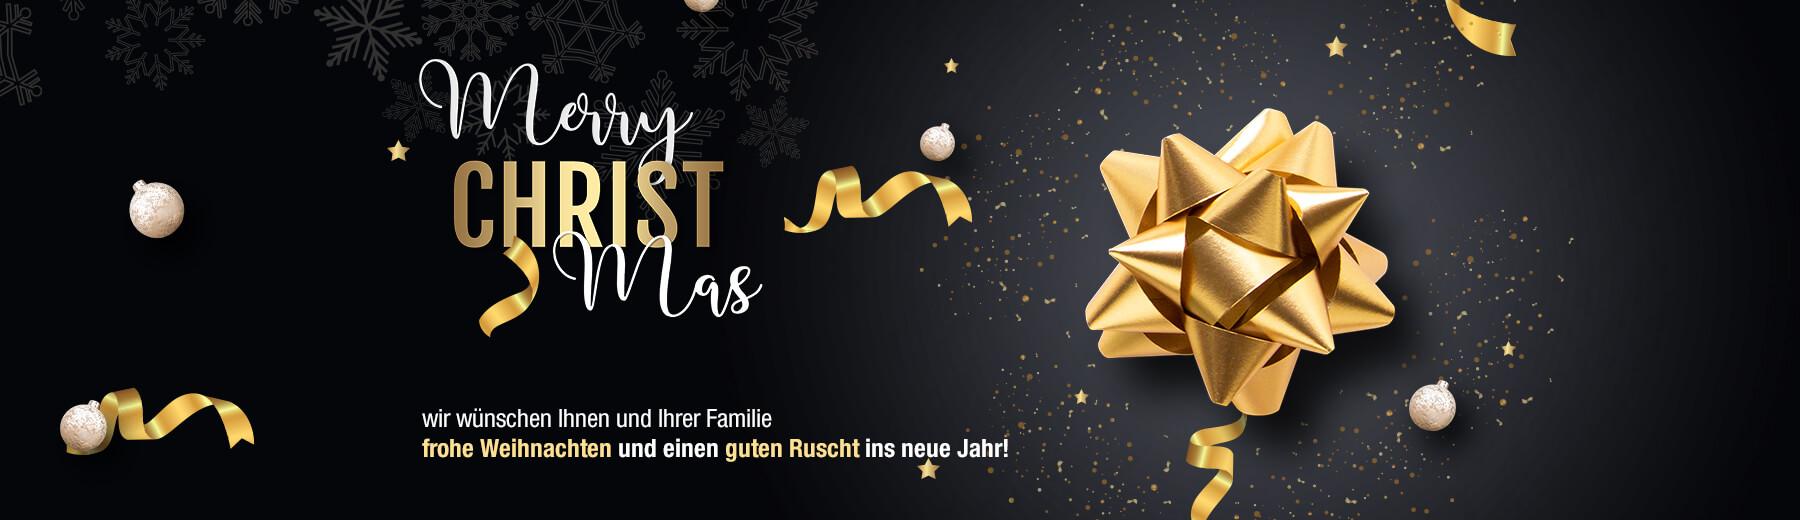 Frohe Weihnachten und schöne Feiertage wünscht Ihnen die Benlex Gruppe